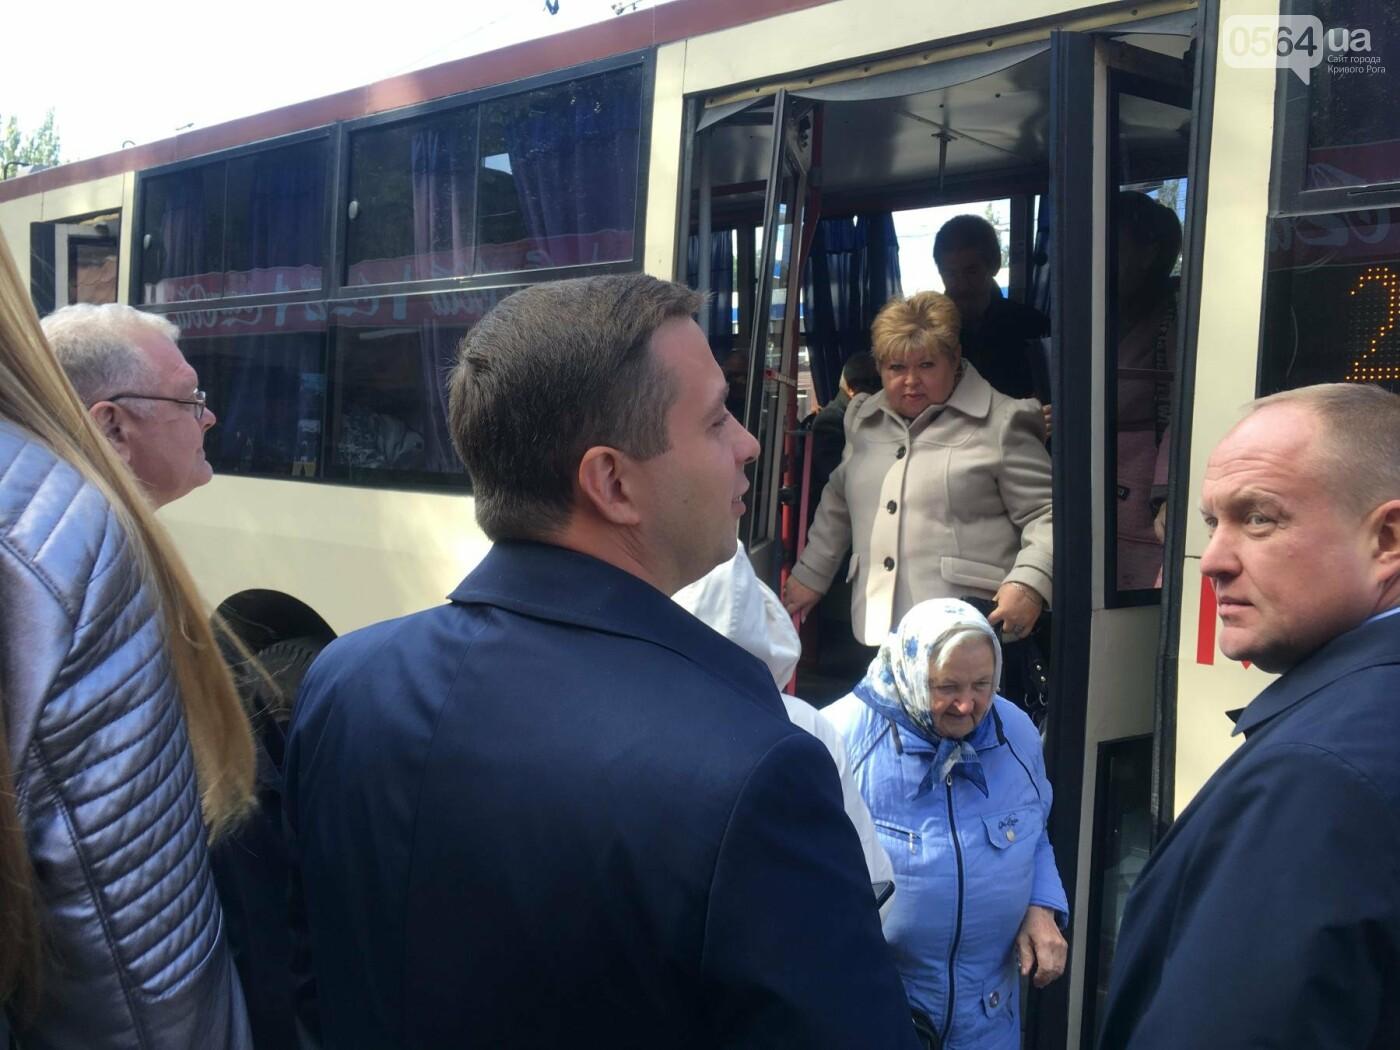 Криворожане могут не переживать, если забыли деньги: оплатить проезд можно с помощью QR-кода (ФОТО), фото-4